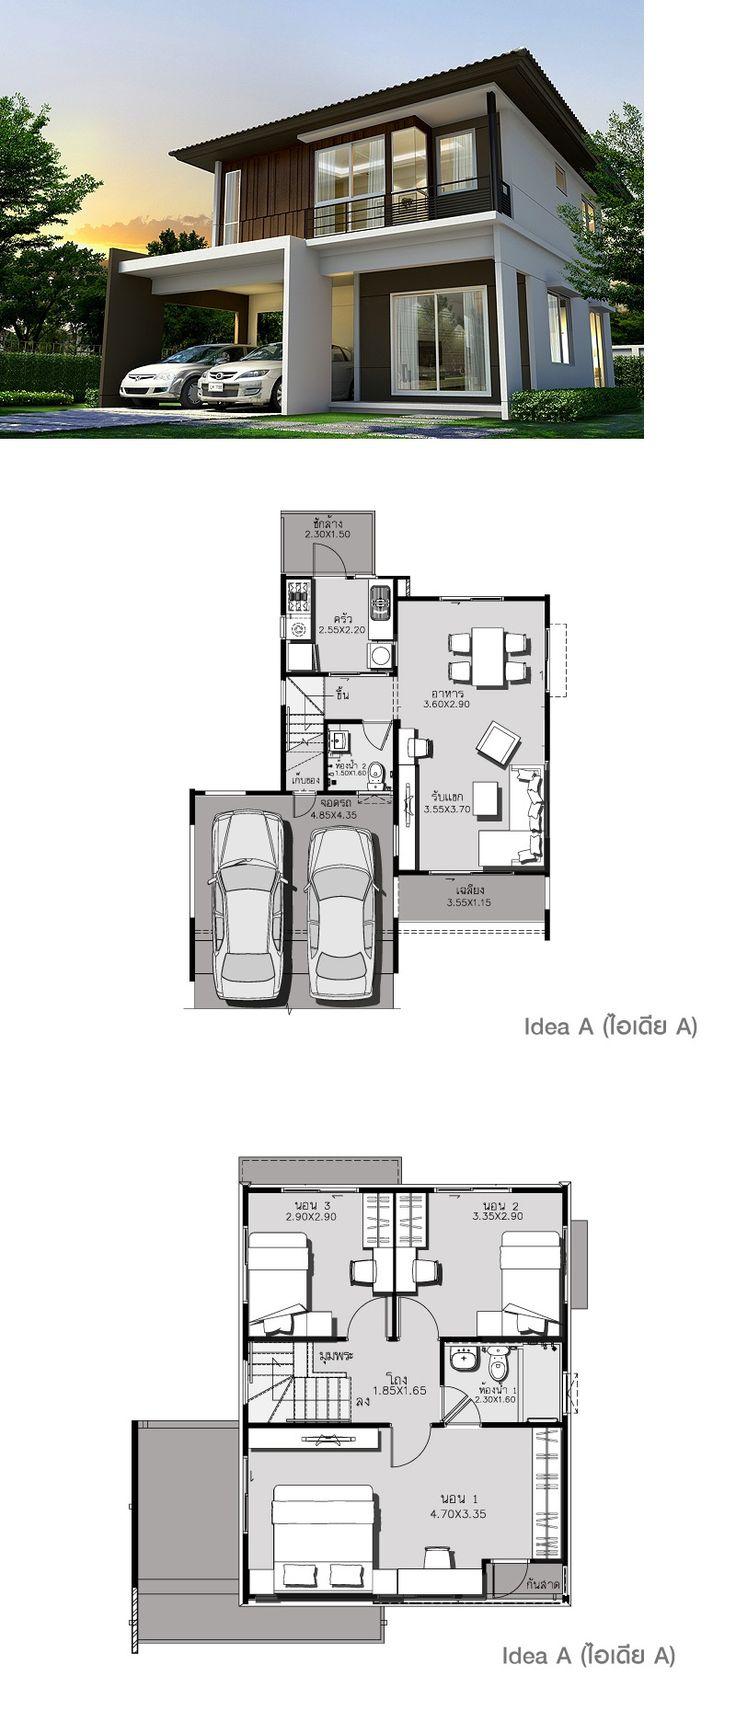 Kompakte haus master schlafzimmer haus pläne villa projekte pflanzen architektur ensuite bathrooms masters